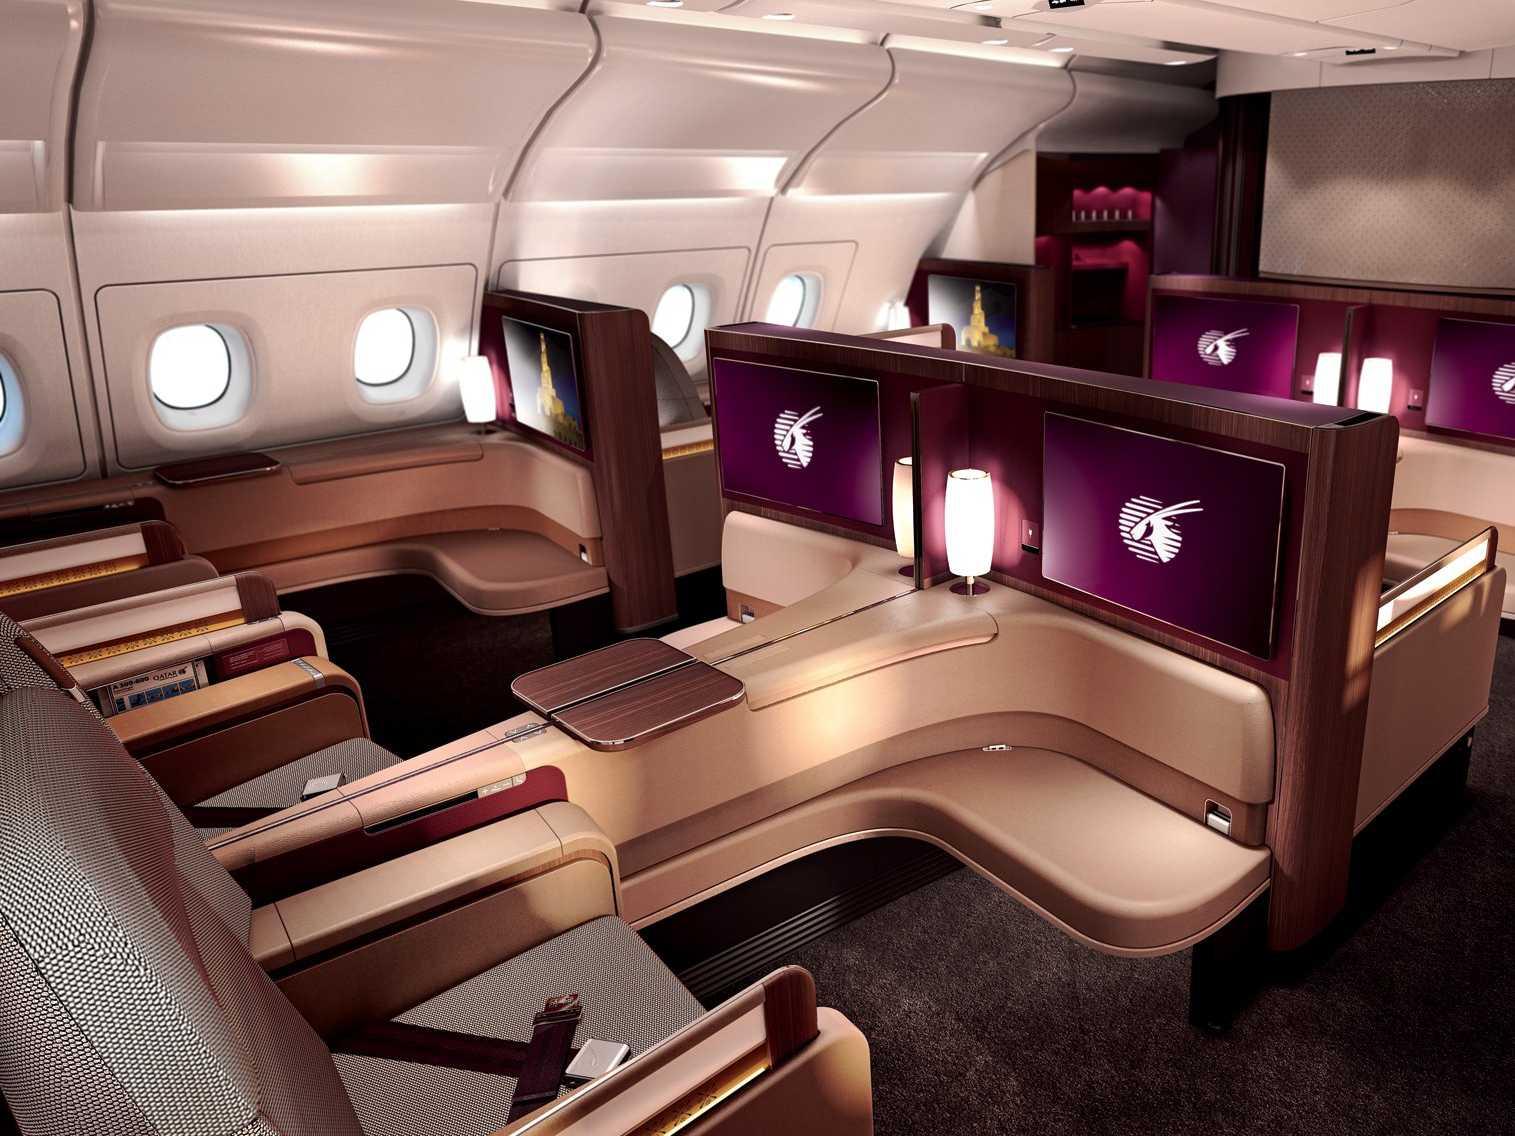 Qatar FC Seat A380 1.jpg